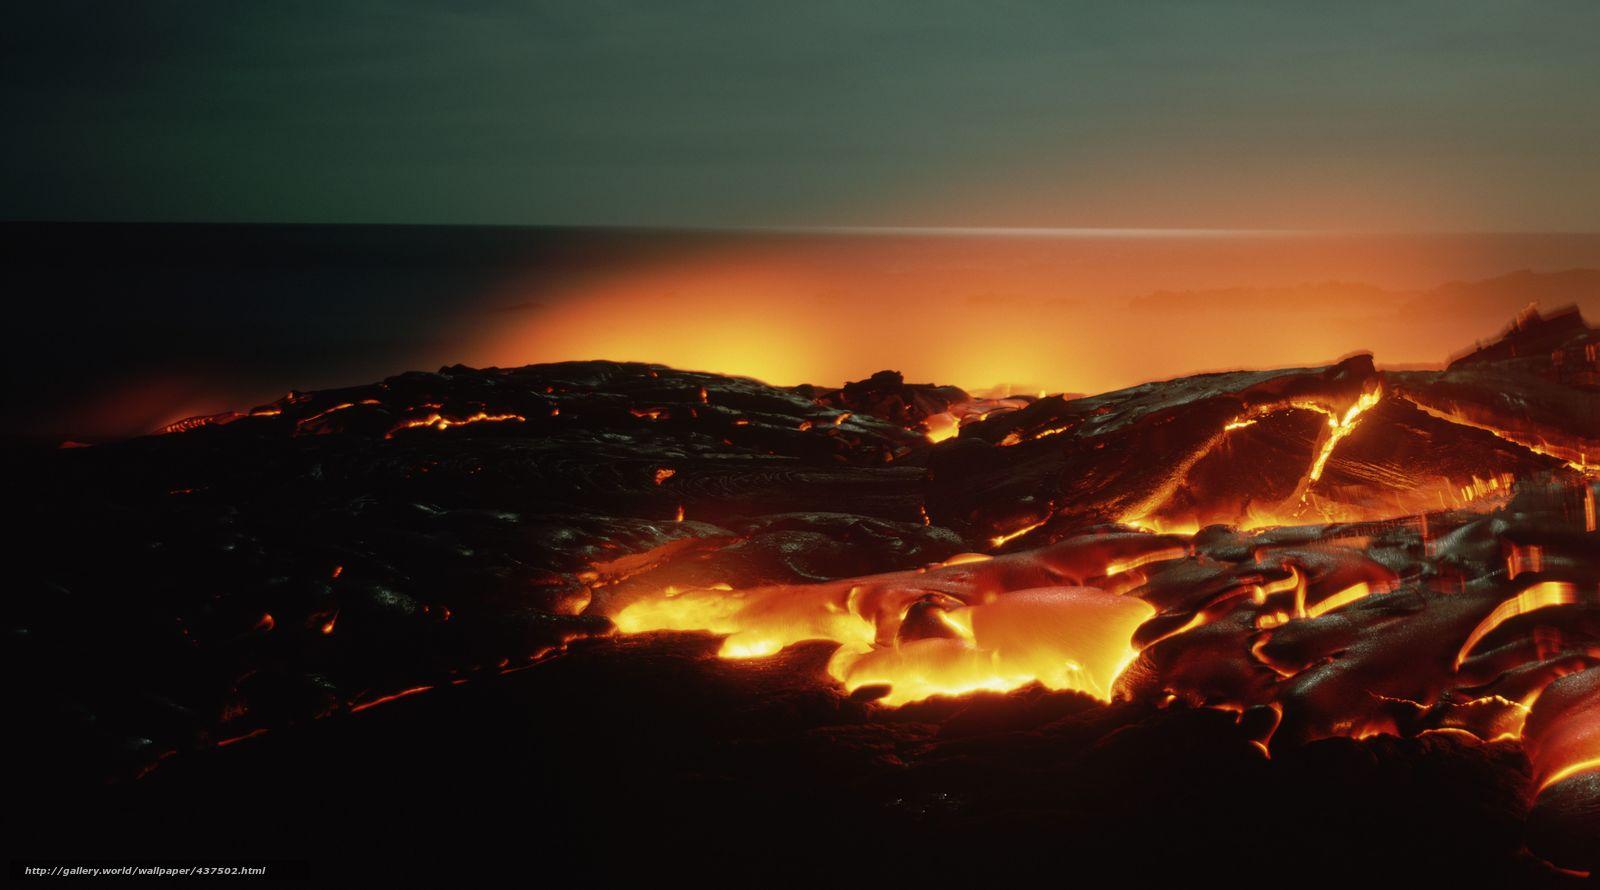 download wallpaper hell lava incandescent landscape. Black Bedroom Furniture Sets. Home Design Ideas